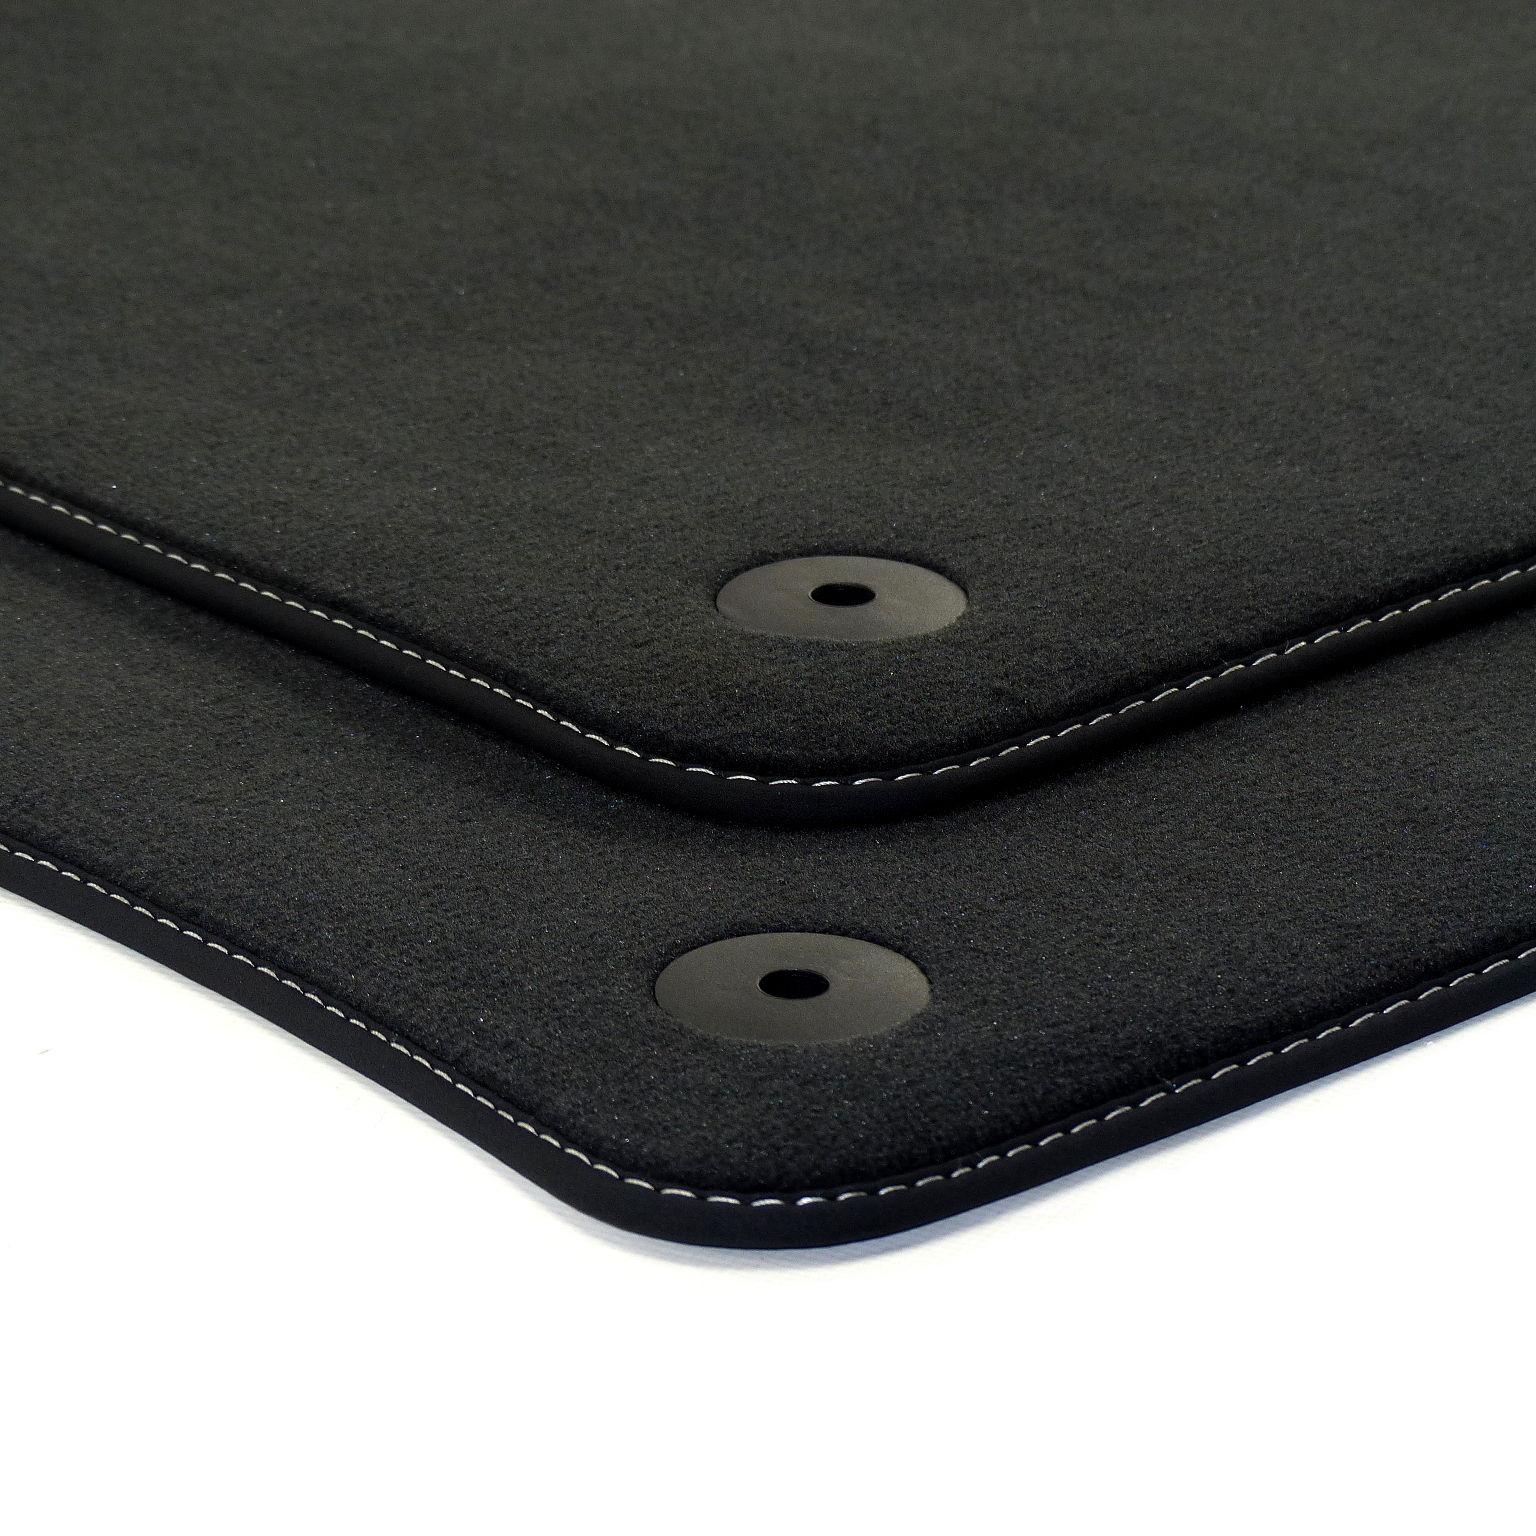 fussmatten original audi a3 8v limo sportback velour vorn. Black Bedroom Furniture Sets. Home Design Ideas